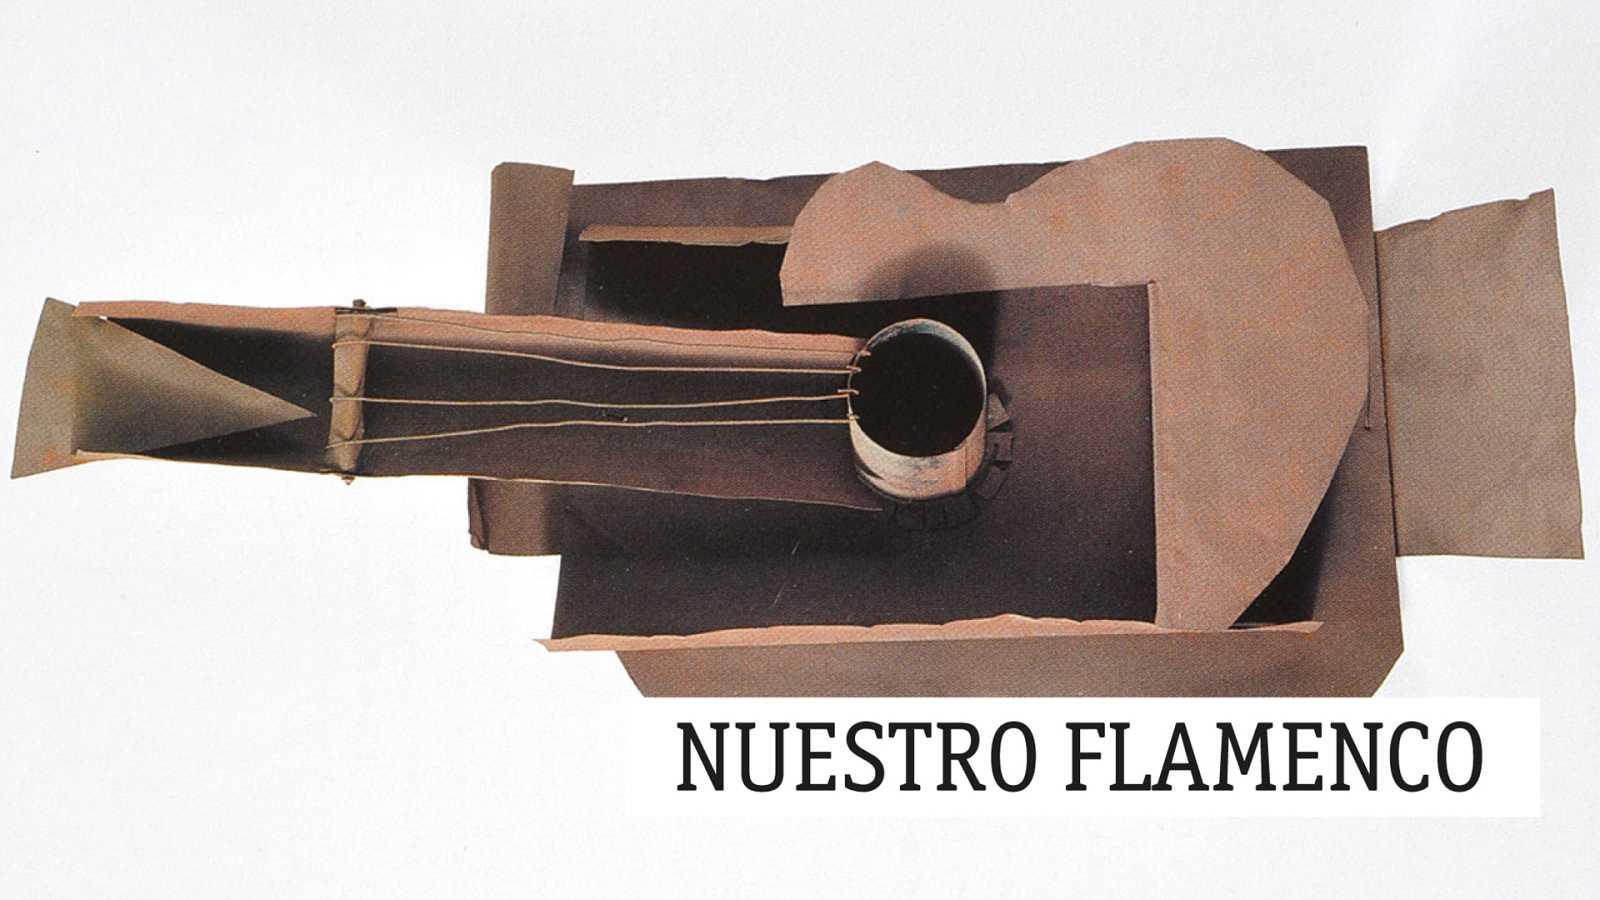 Nuestro flamenco - Dos cantaores, Enrique Orozco y Manolo Fregenal - 29/04/21 - escuchar ahora